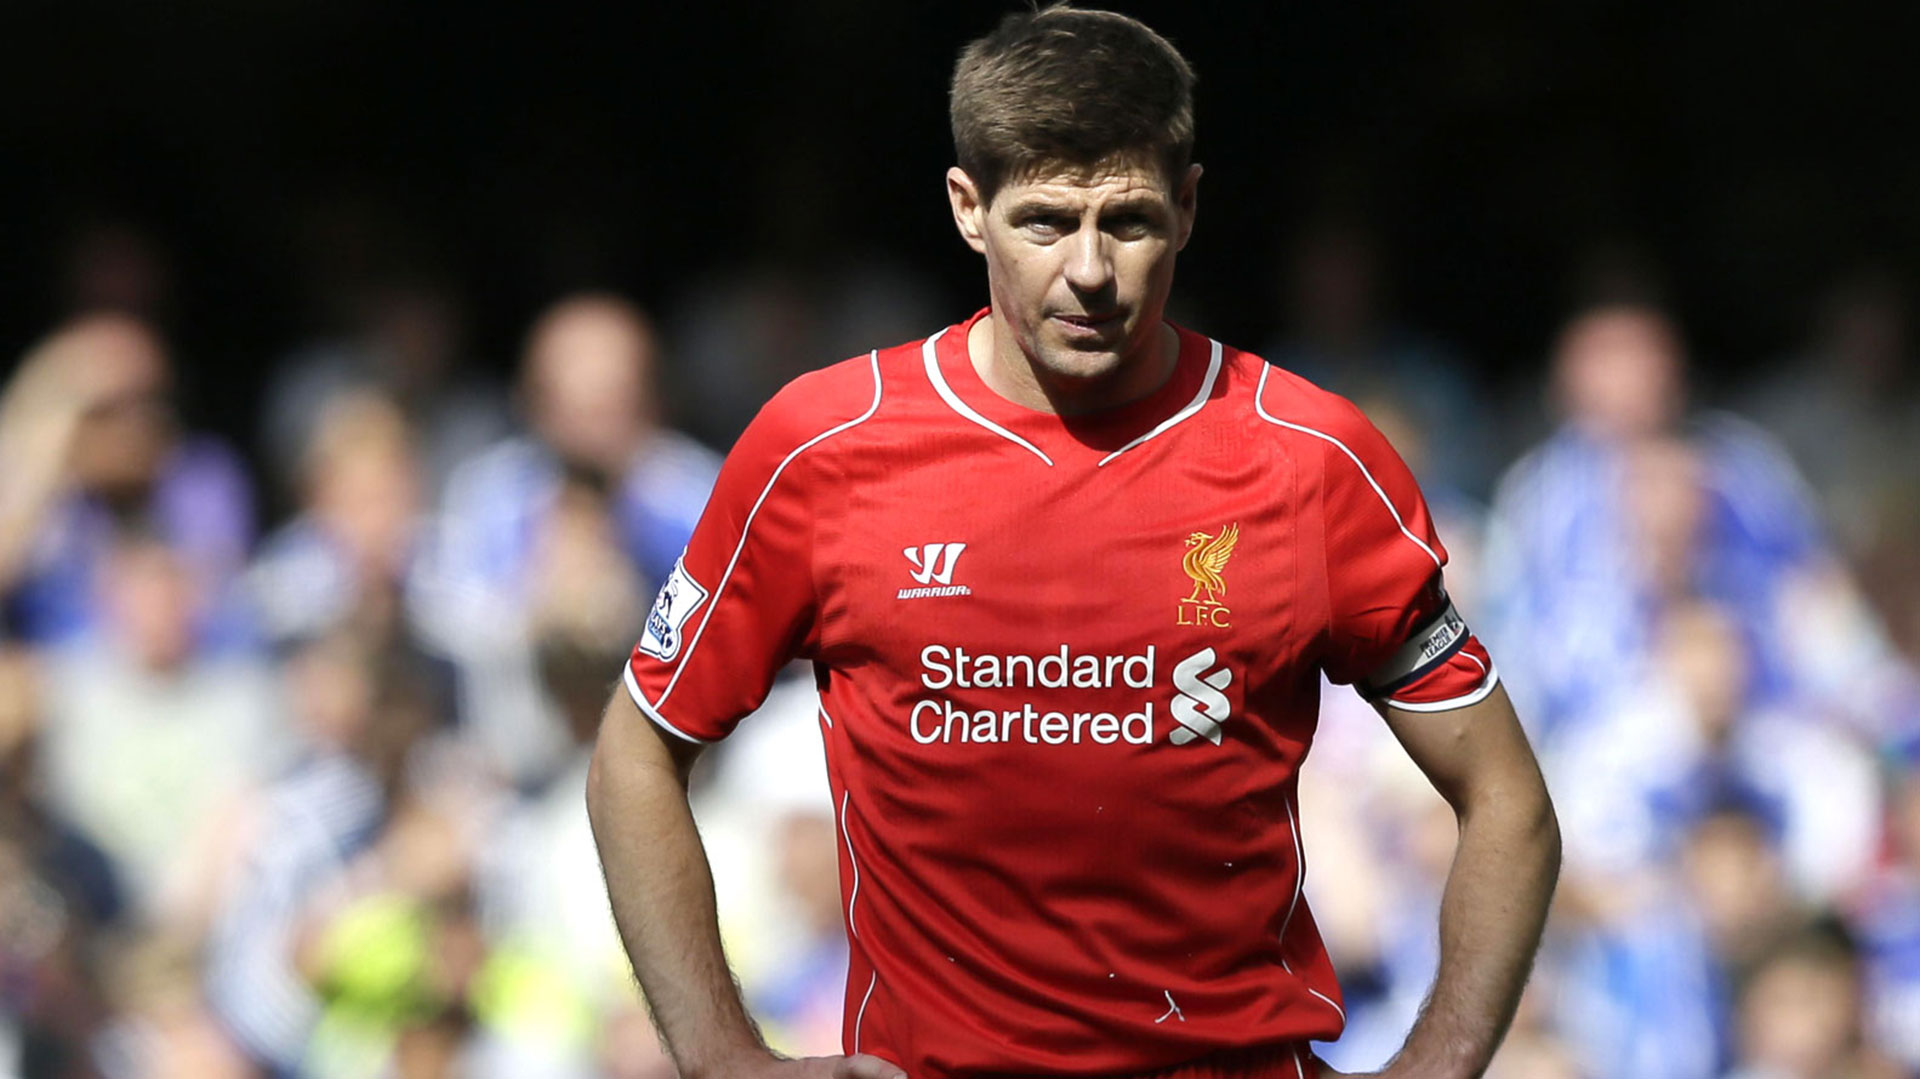 """Steven Gerrard, uno de los que se vieron afectados. En la """"Tragedia de Hillsborough"""" murió un primo suyo de 10 años (AP)"""